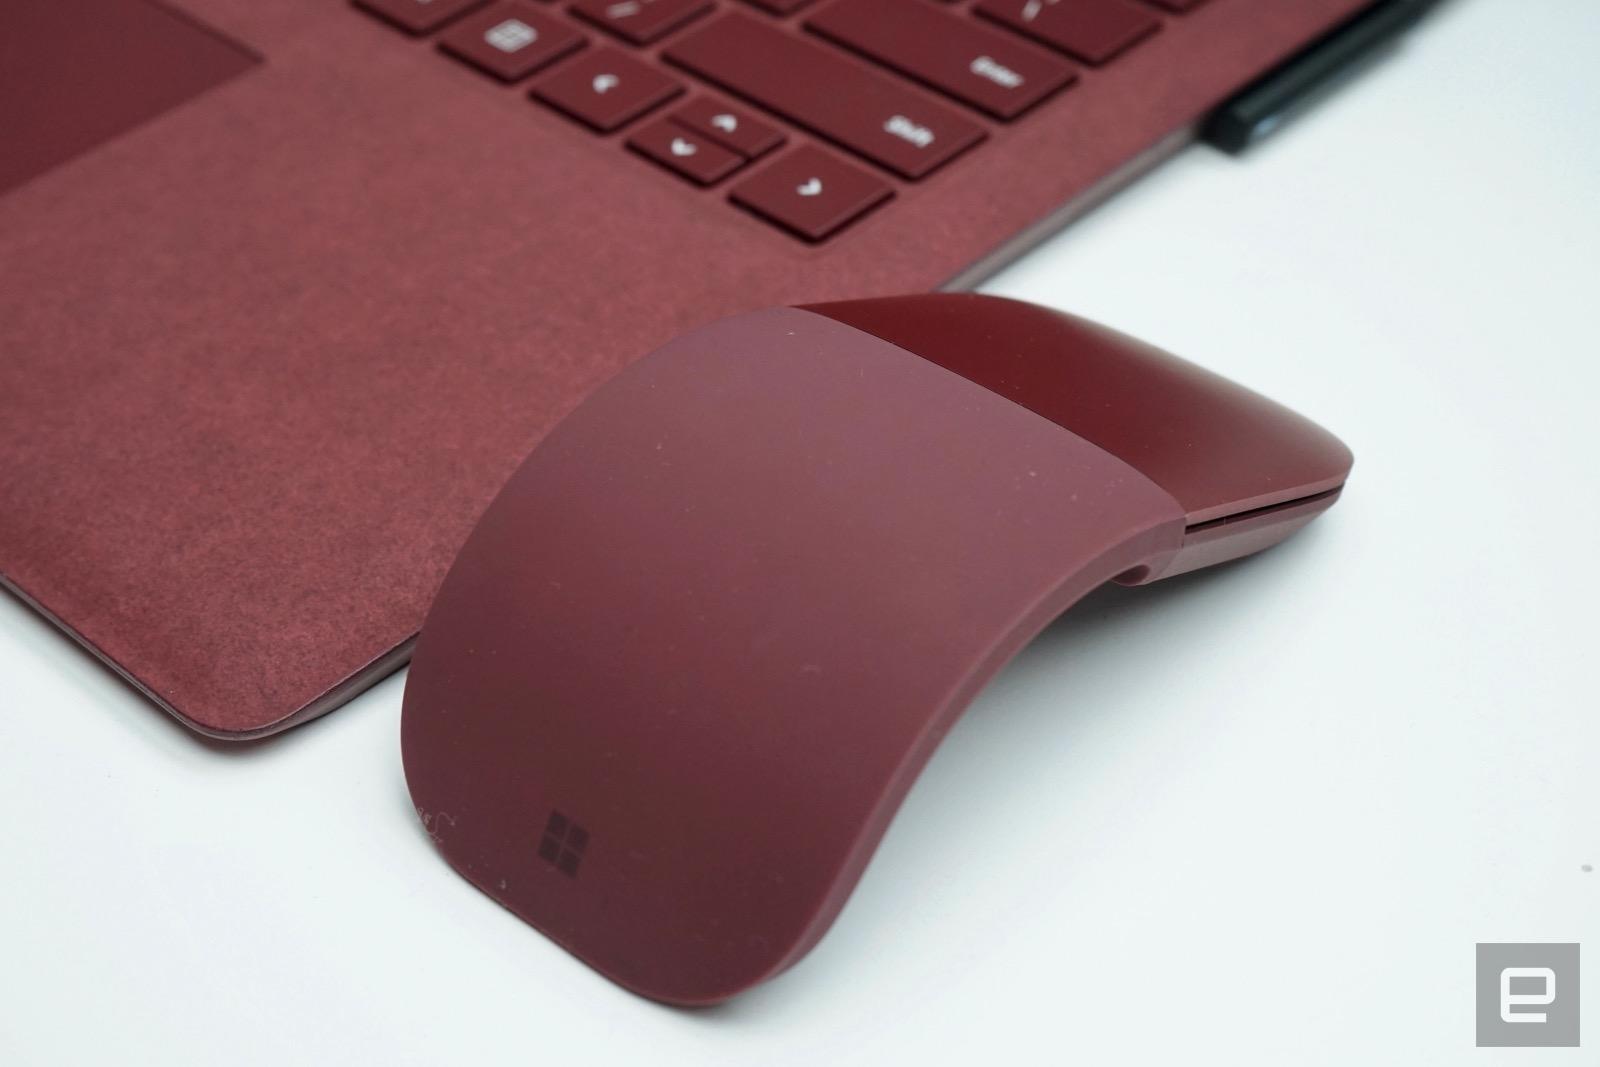 El Surface Laptop no viene solo: así es el Surface Arc Mouse